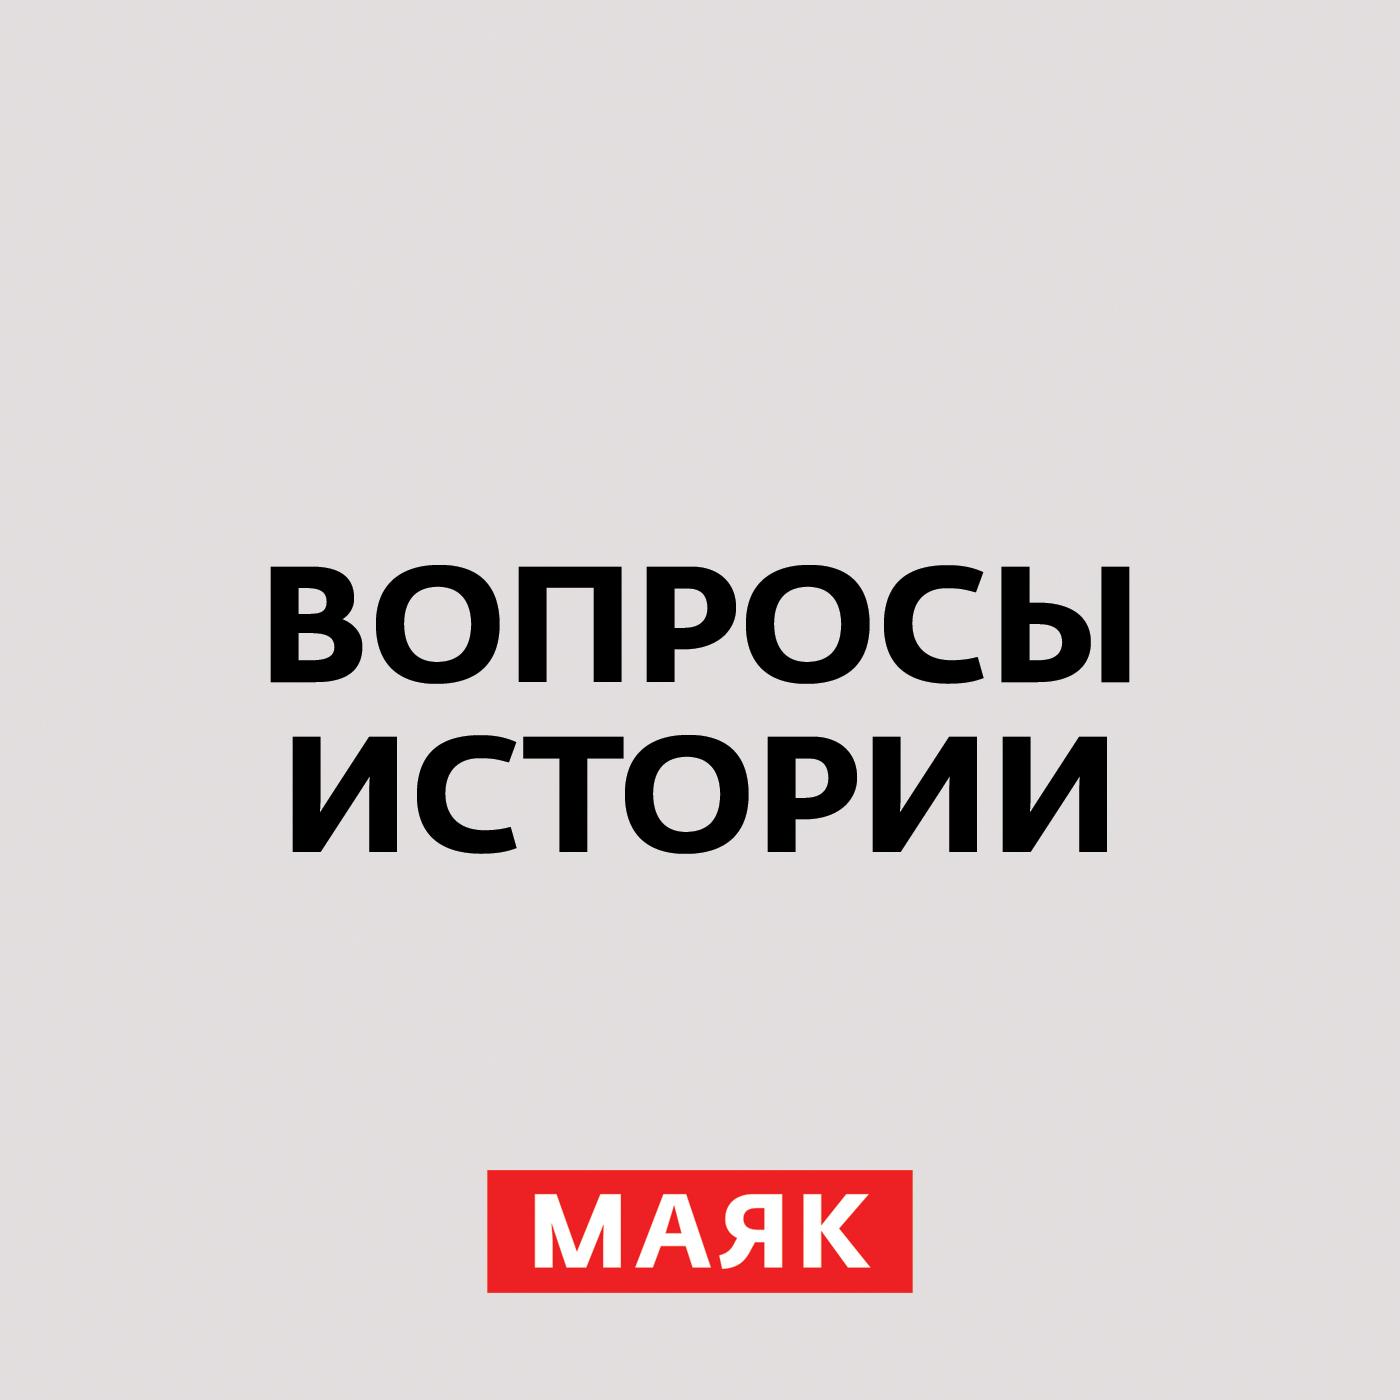 Андрей Светенко Что привело к августу 91-го. Часть 3 андрей светенко исторические предпосылки парламентаризма в россии часть 2